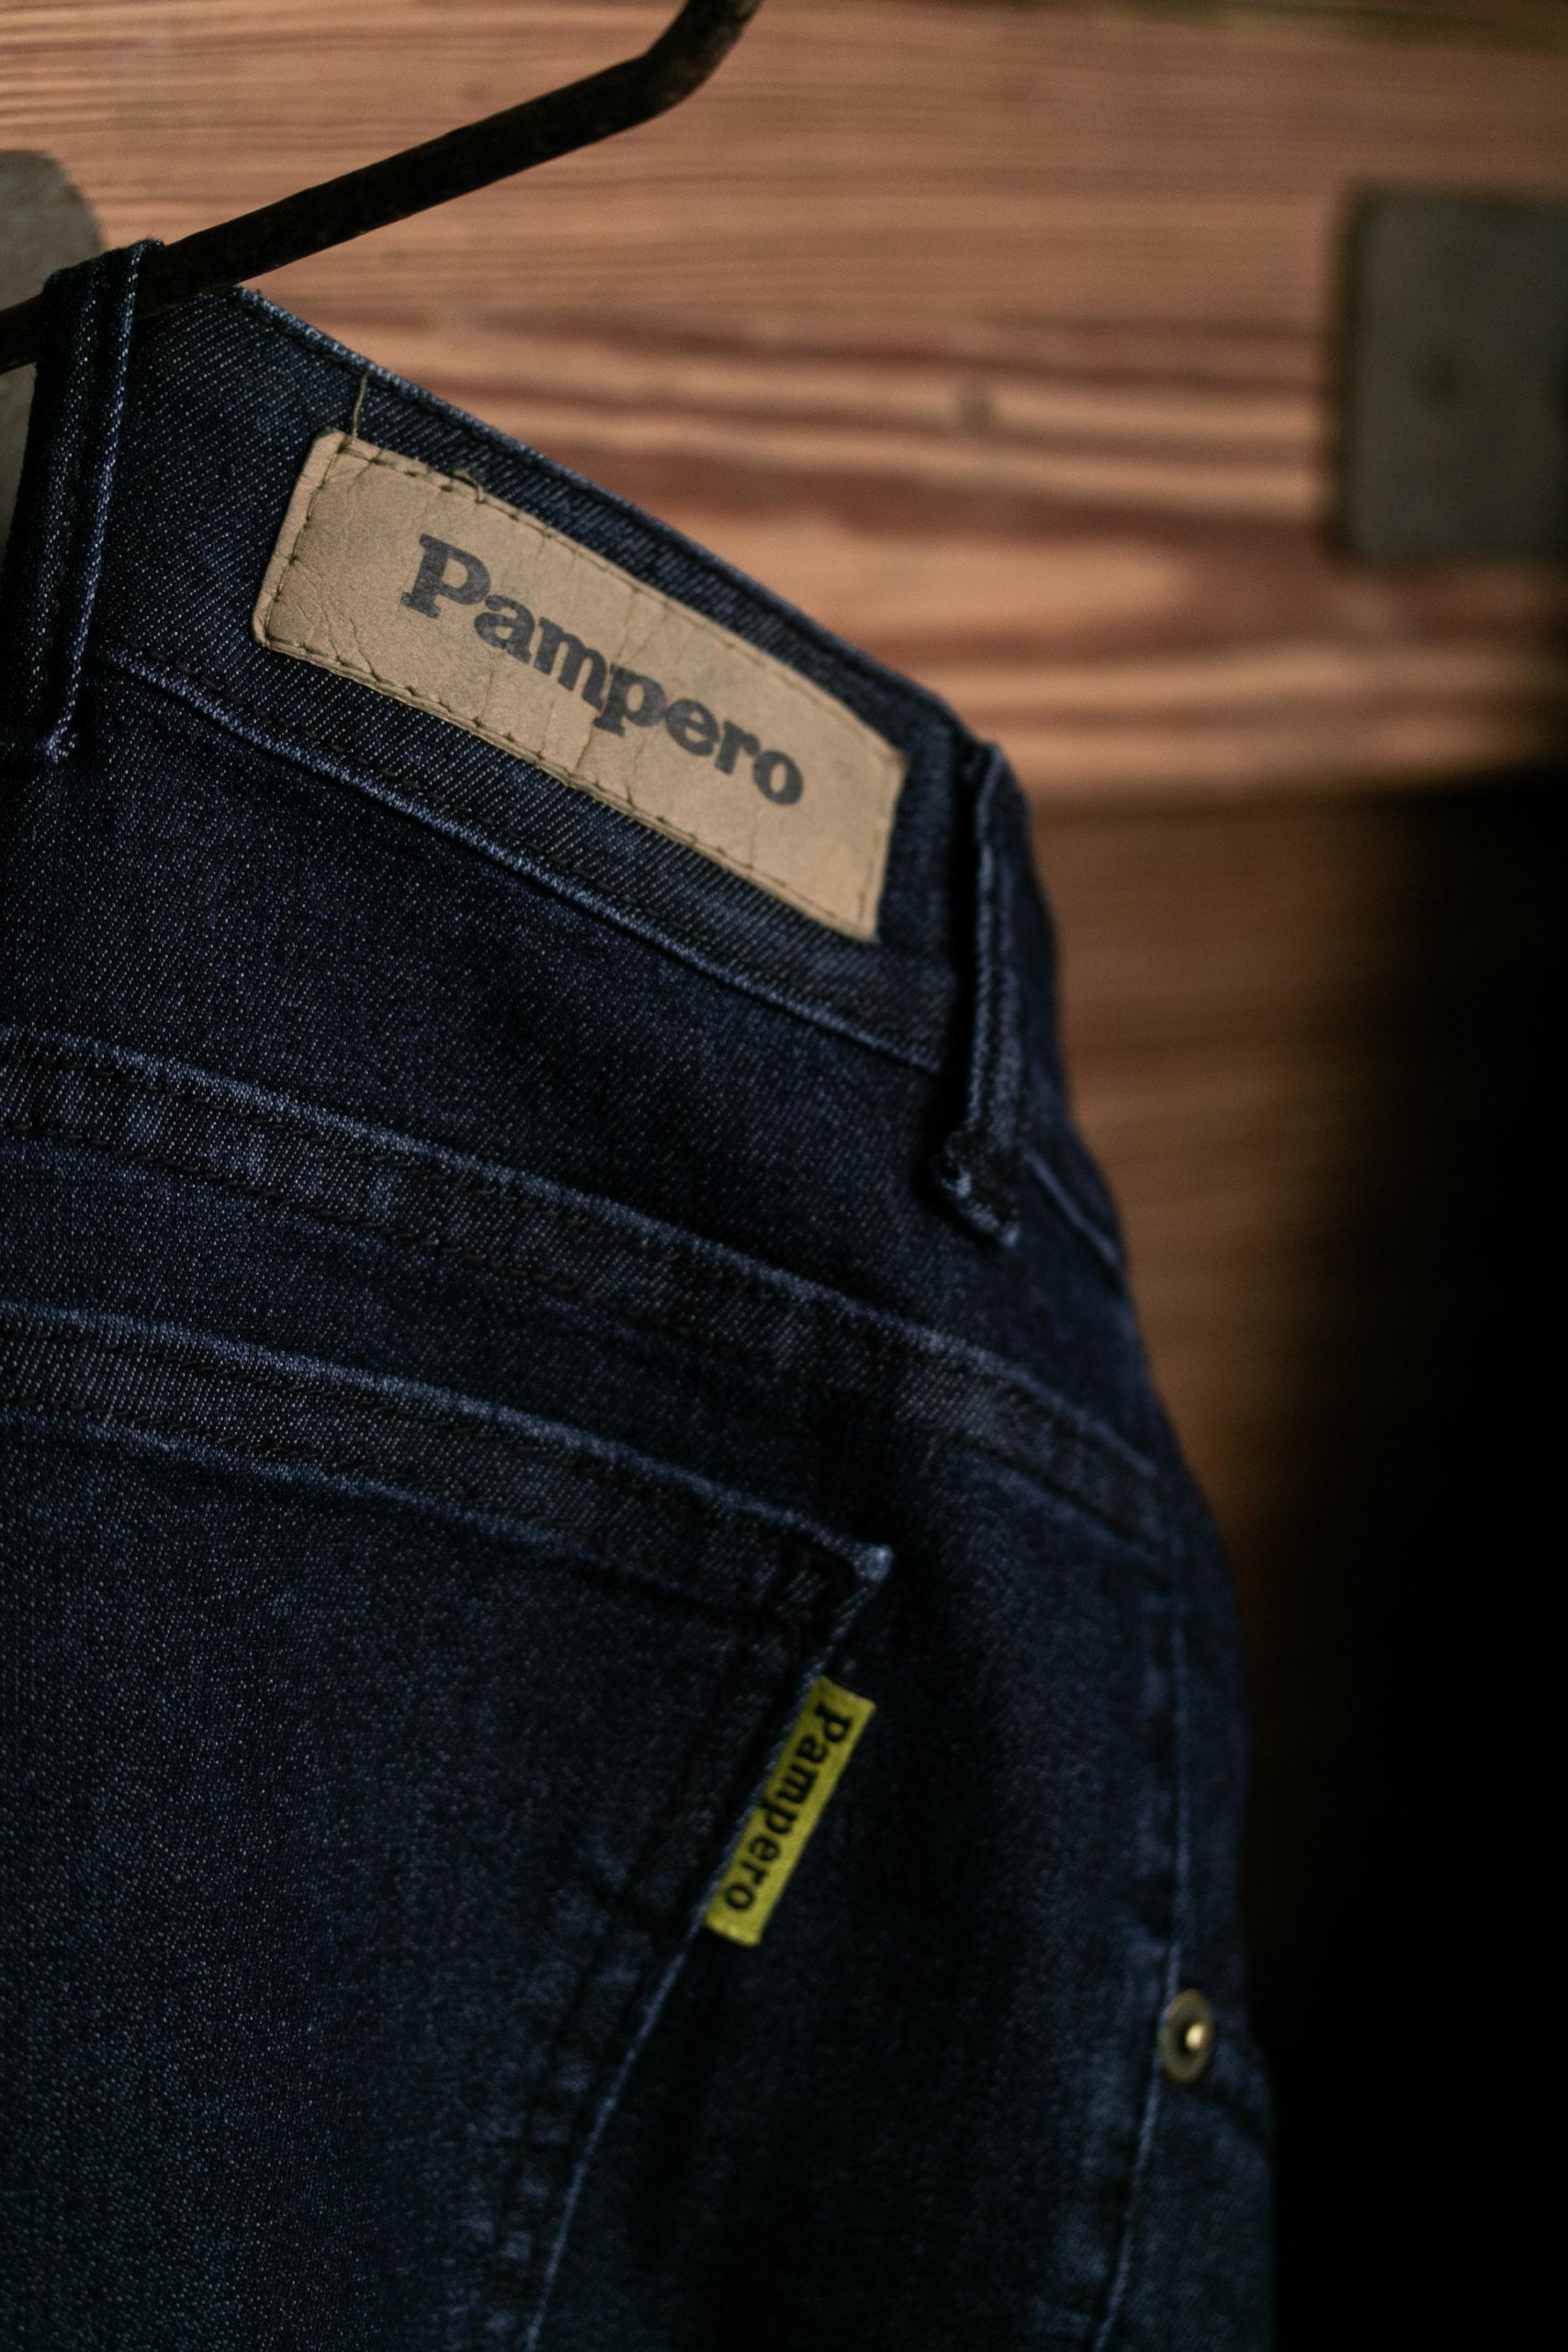 Pampero abrió en Rosario su local más grande de Argentina y Uruguay